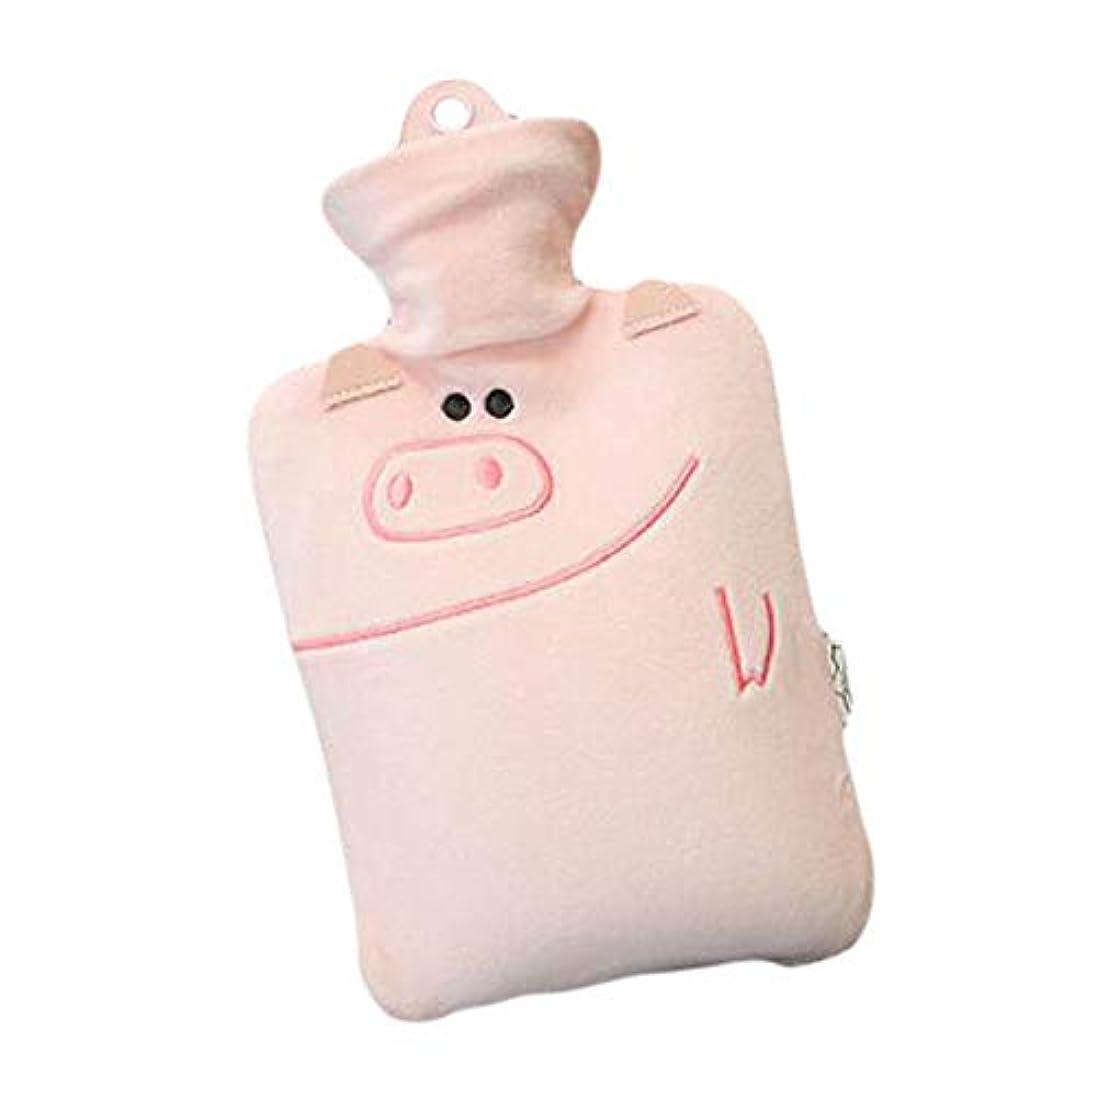 教育学文明化するお願いします愛らしいピンクの豚のパターン400 MLホットウォーターボトル